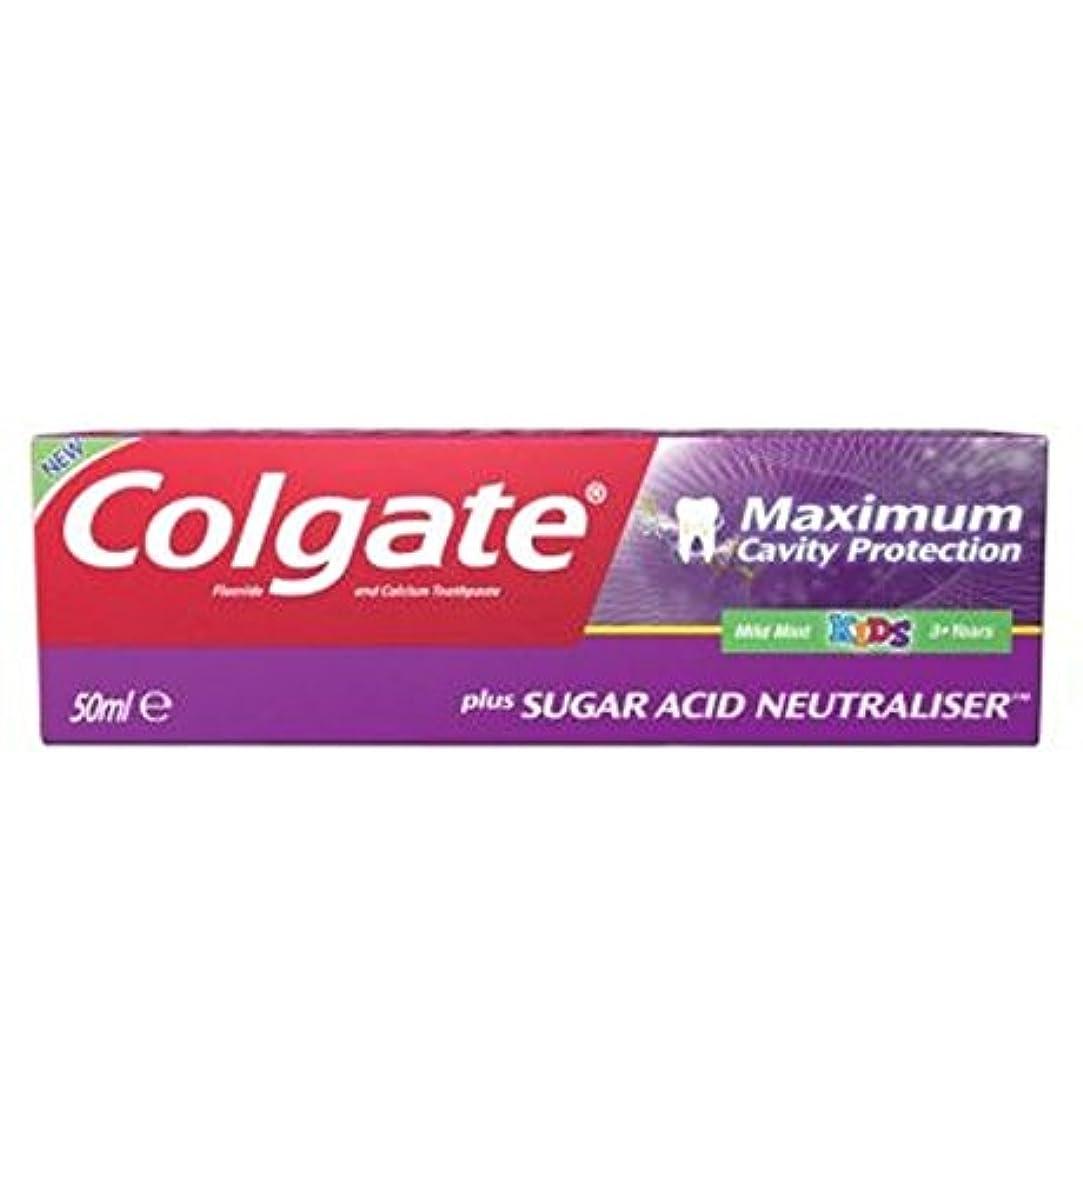 コミットメント五ミニコルゲート最大空洞の保護に加えて、糖酸中和剤の子供の歯磨き粉50ミリリットル (Colgate) (x2) - Colgate Maximum Cavity Protection plus Sugar Acid Neutraliser...